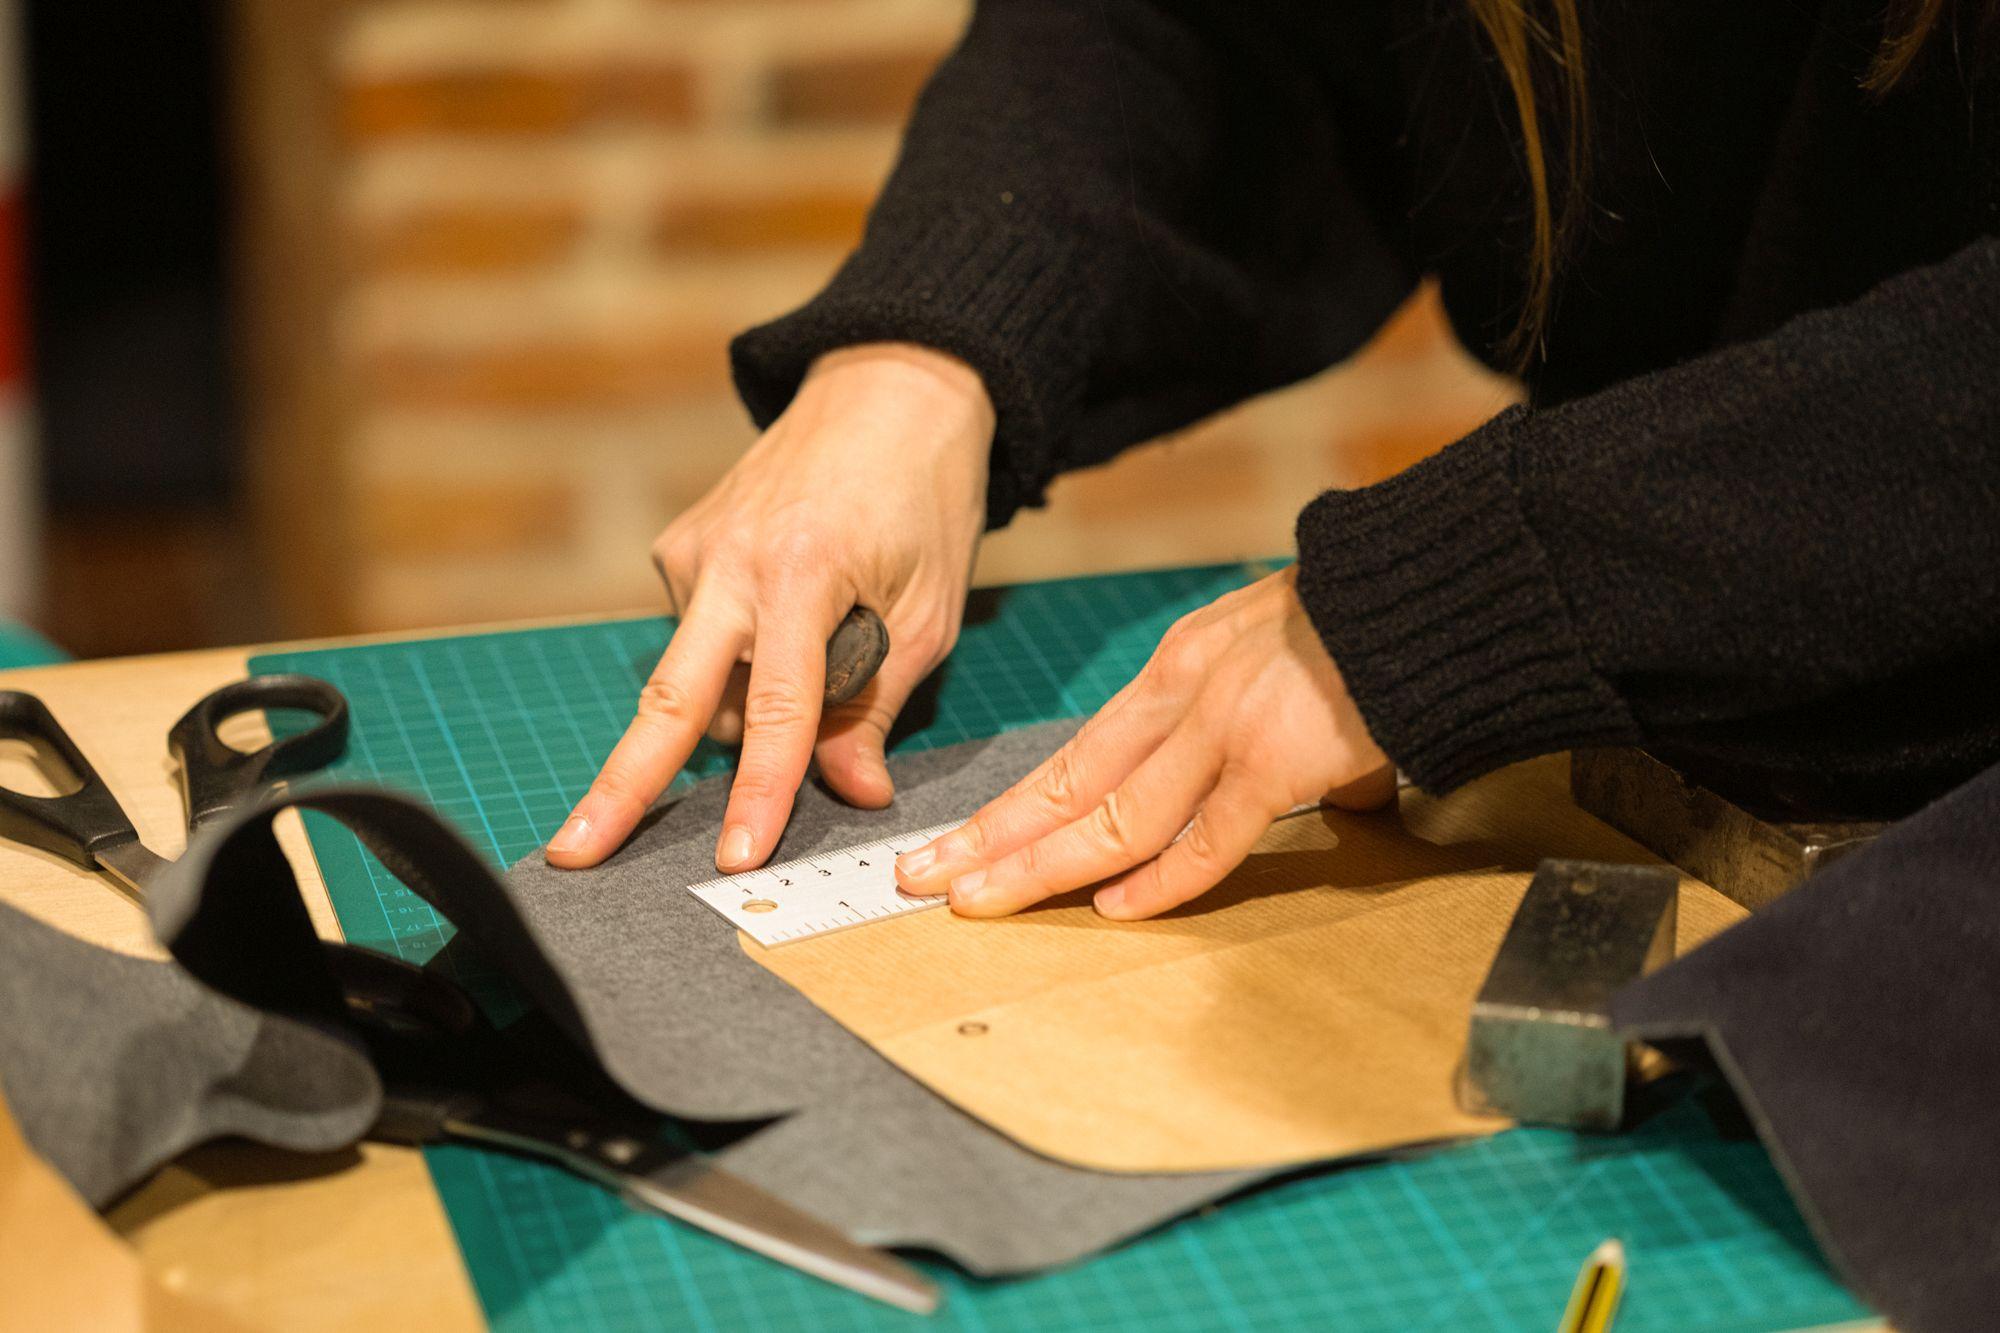 blat w pracowni kaletniczej, dłonie trzymają materiały skórzane